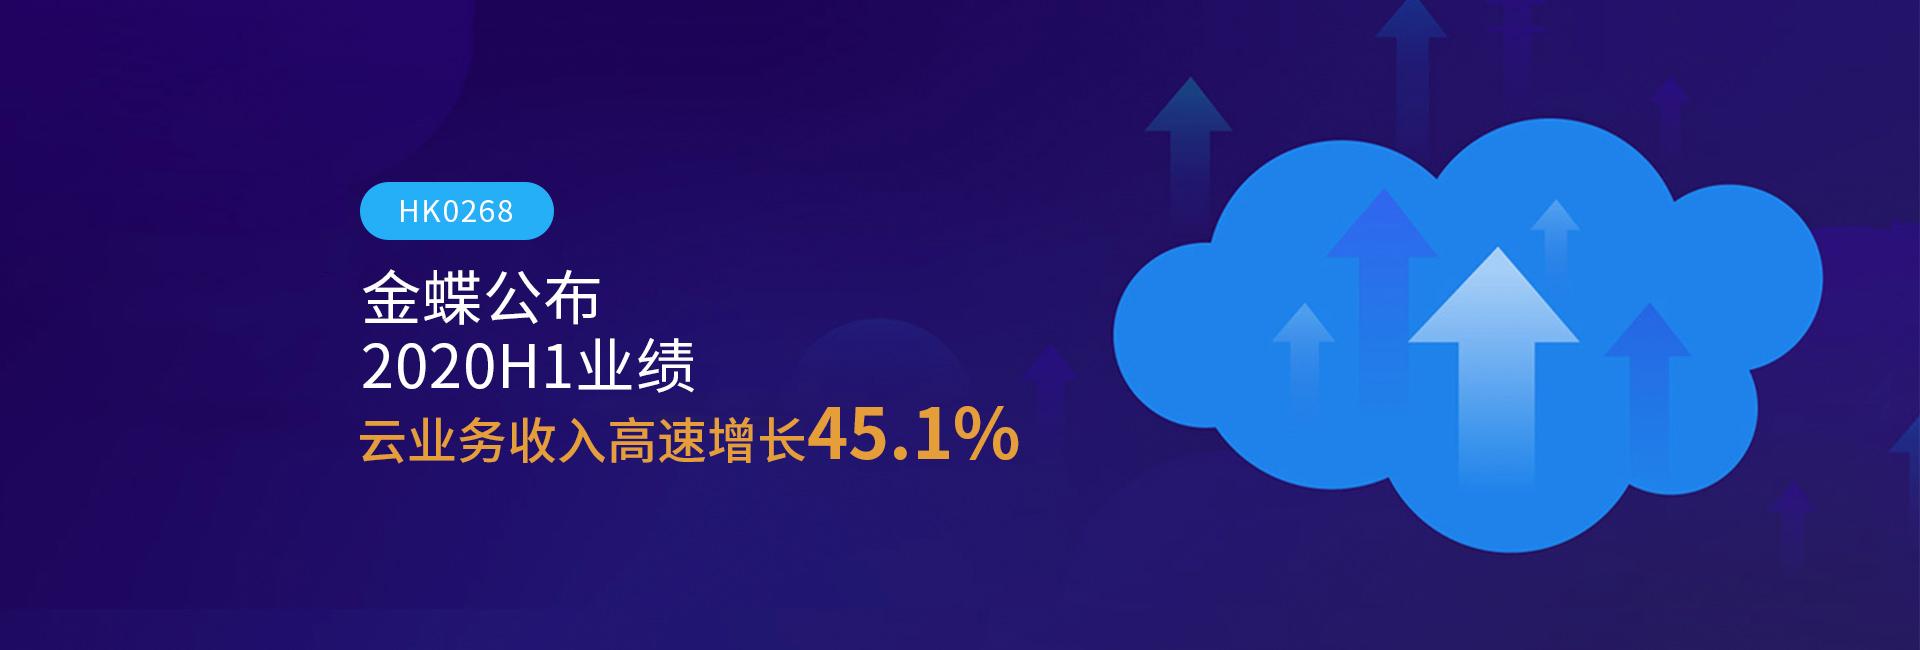 上海闻典信息科技有限公司